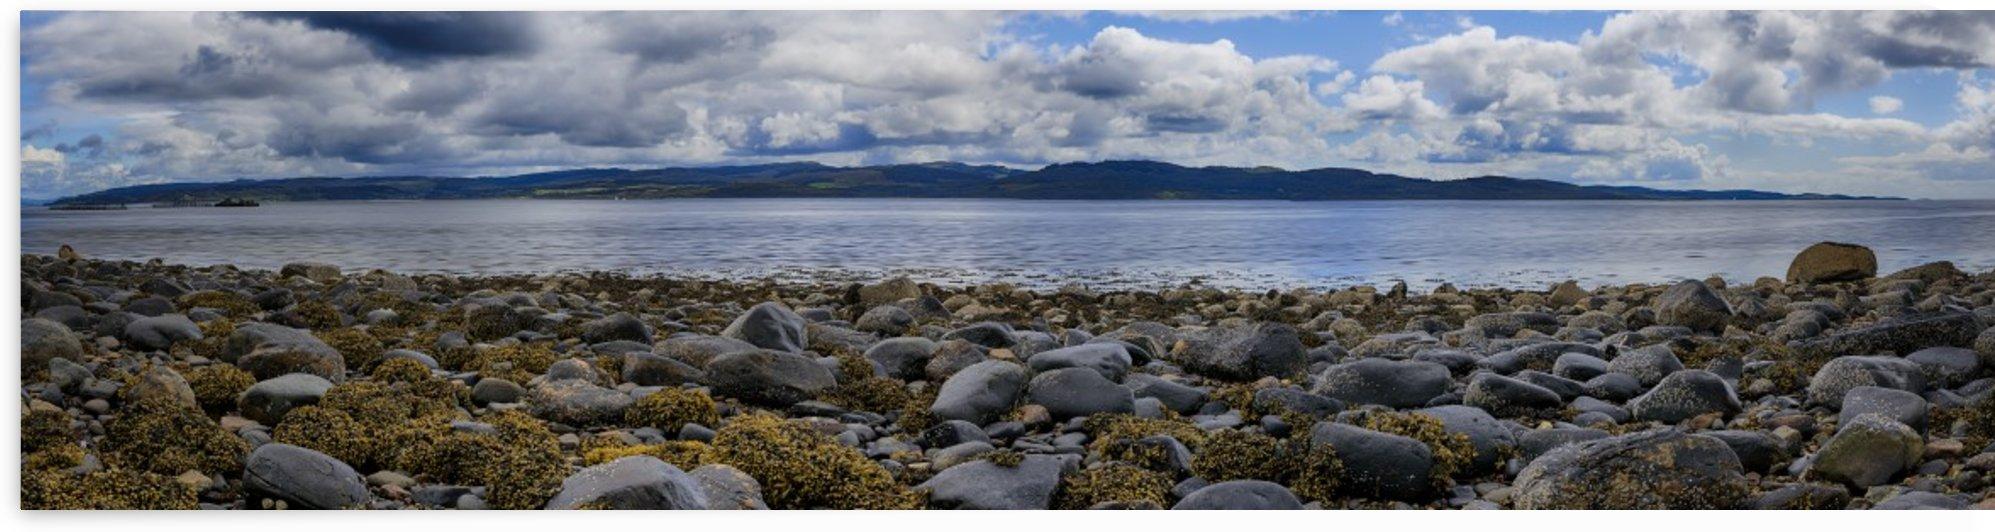 West Scotland by Adrian Brockwell